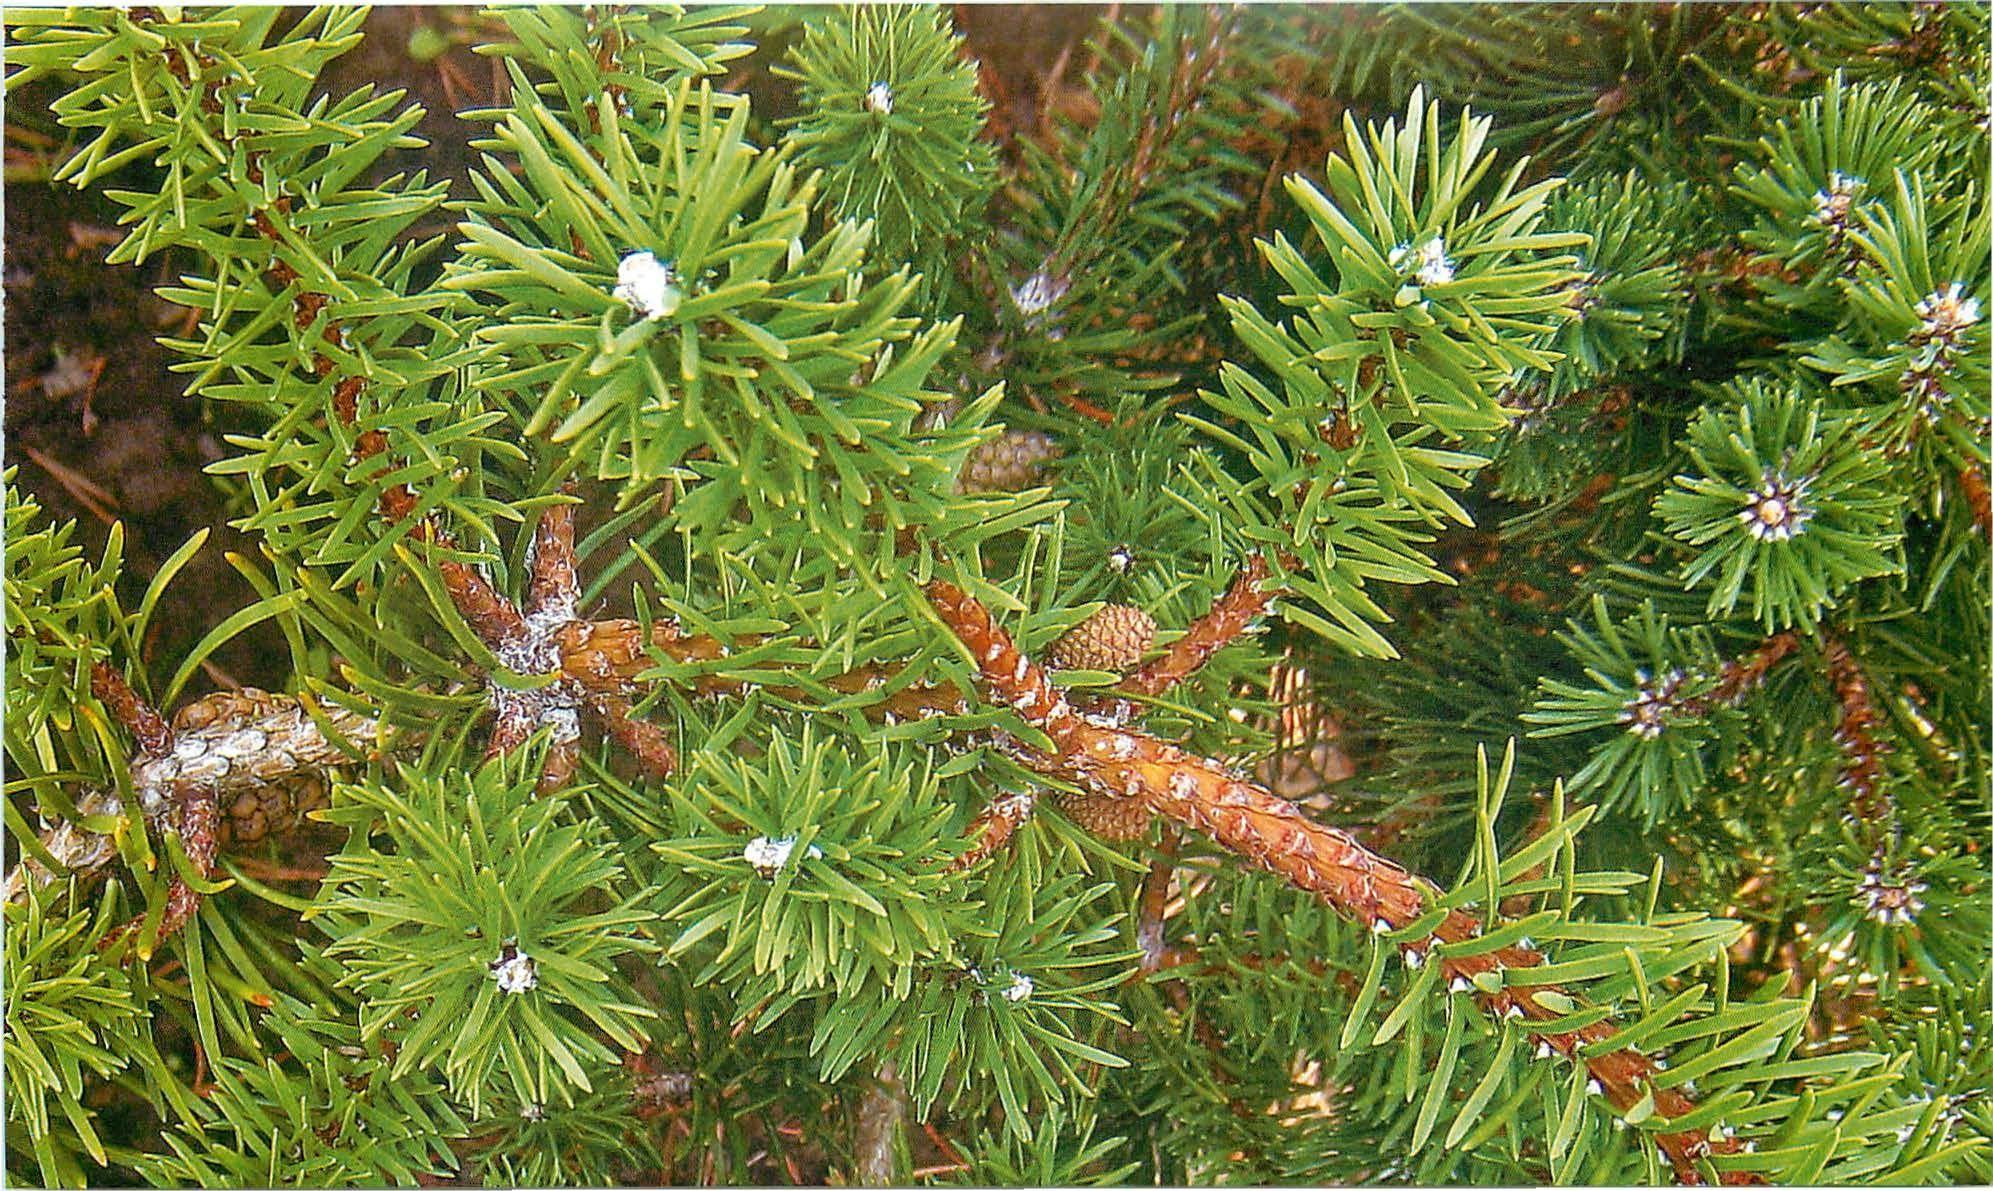 Виды сосны обыкновенной, их описание и фото